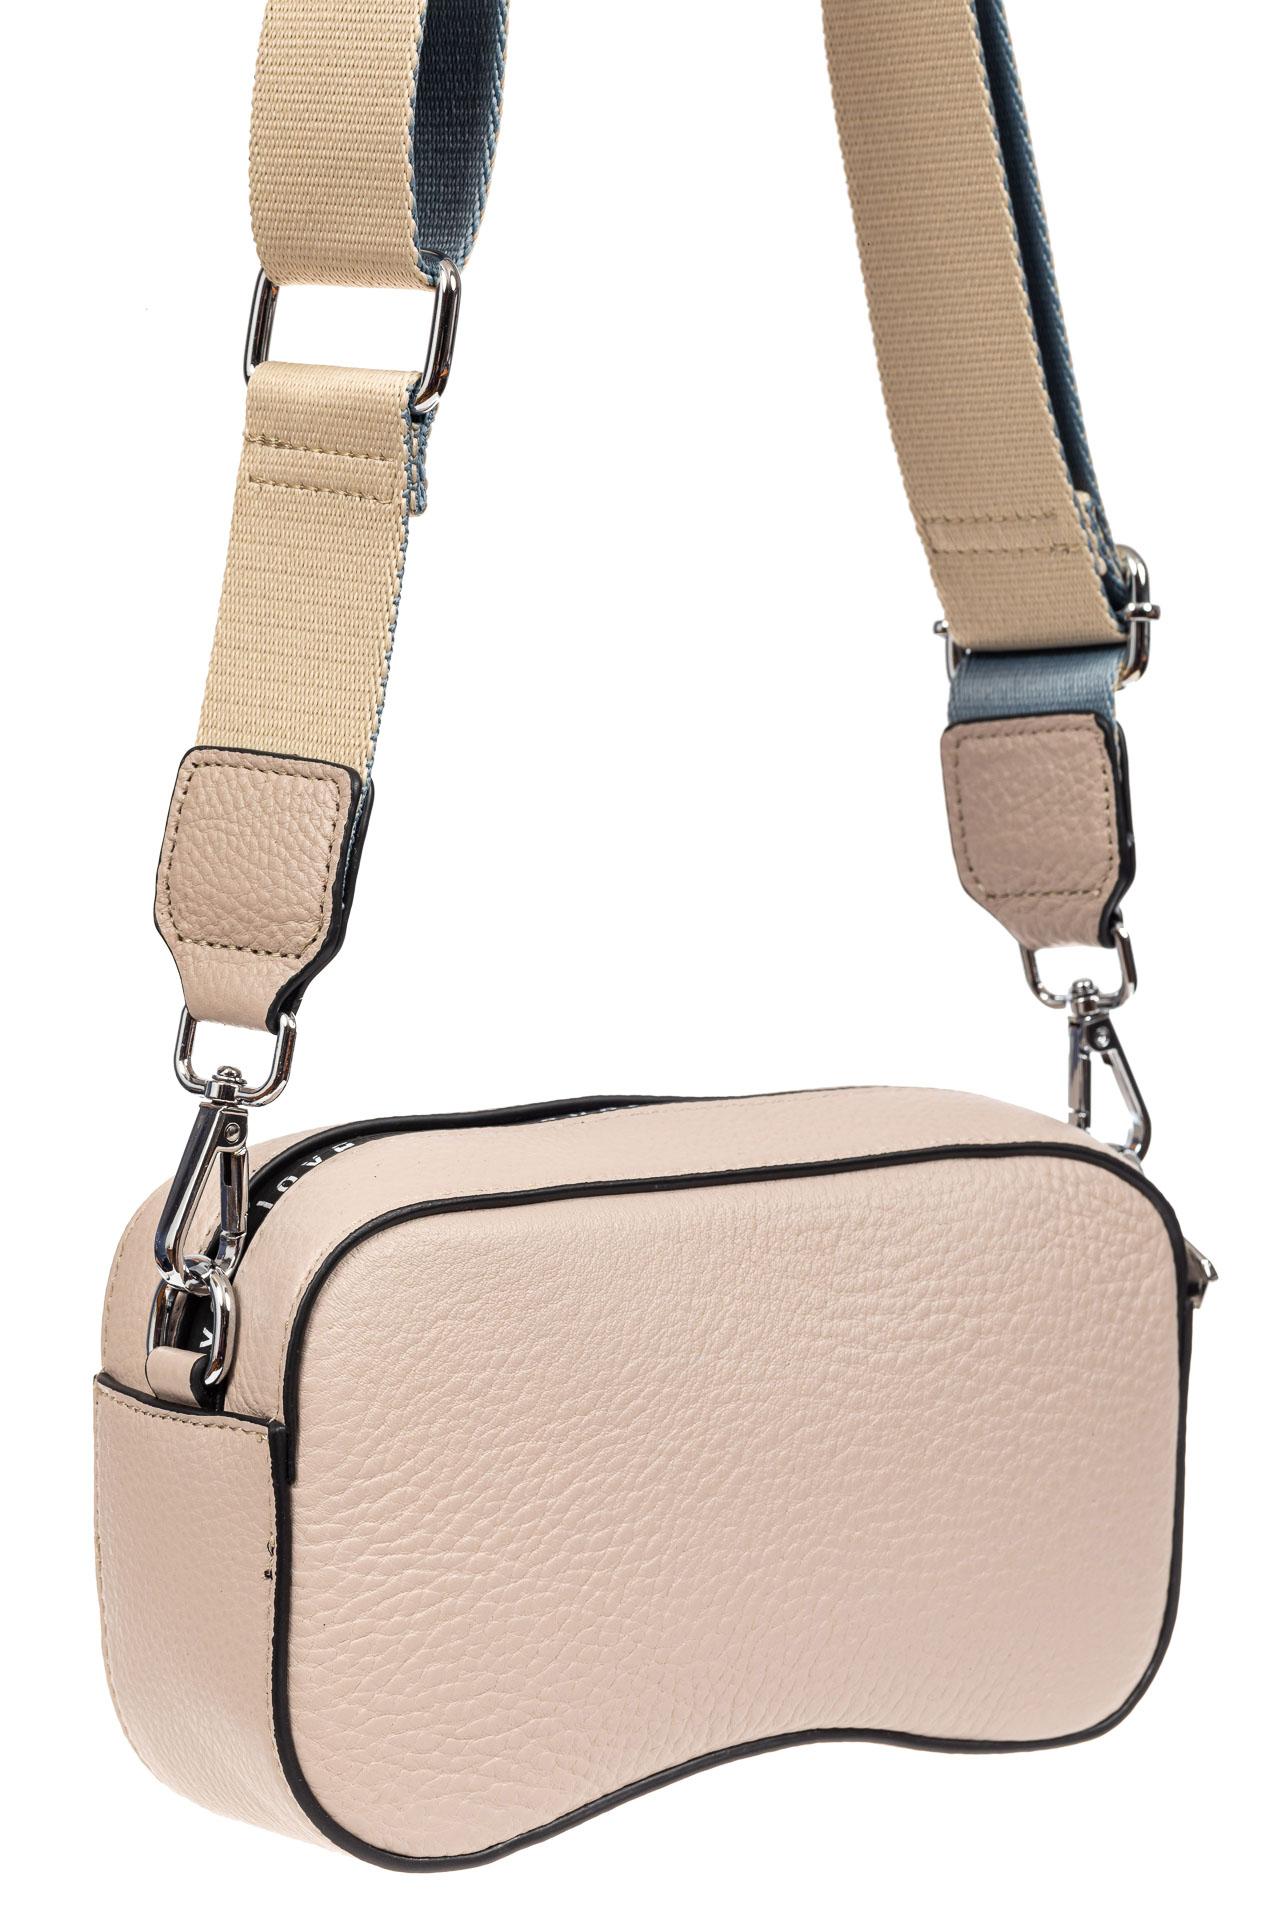 Маленькая наплечная сумка из кожи, цвет розовый9026NK0420/16